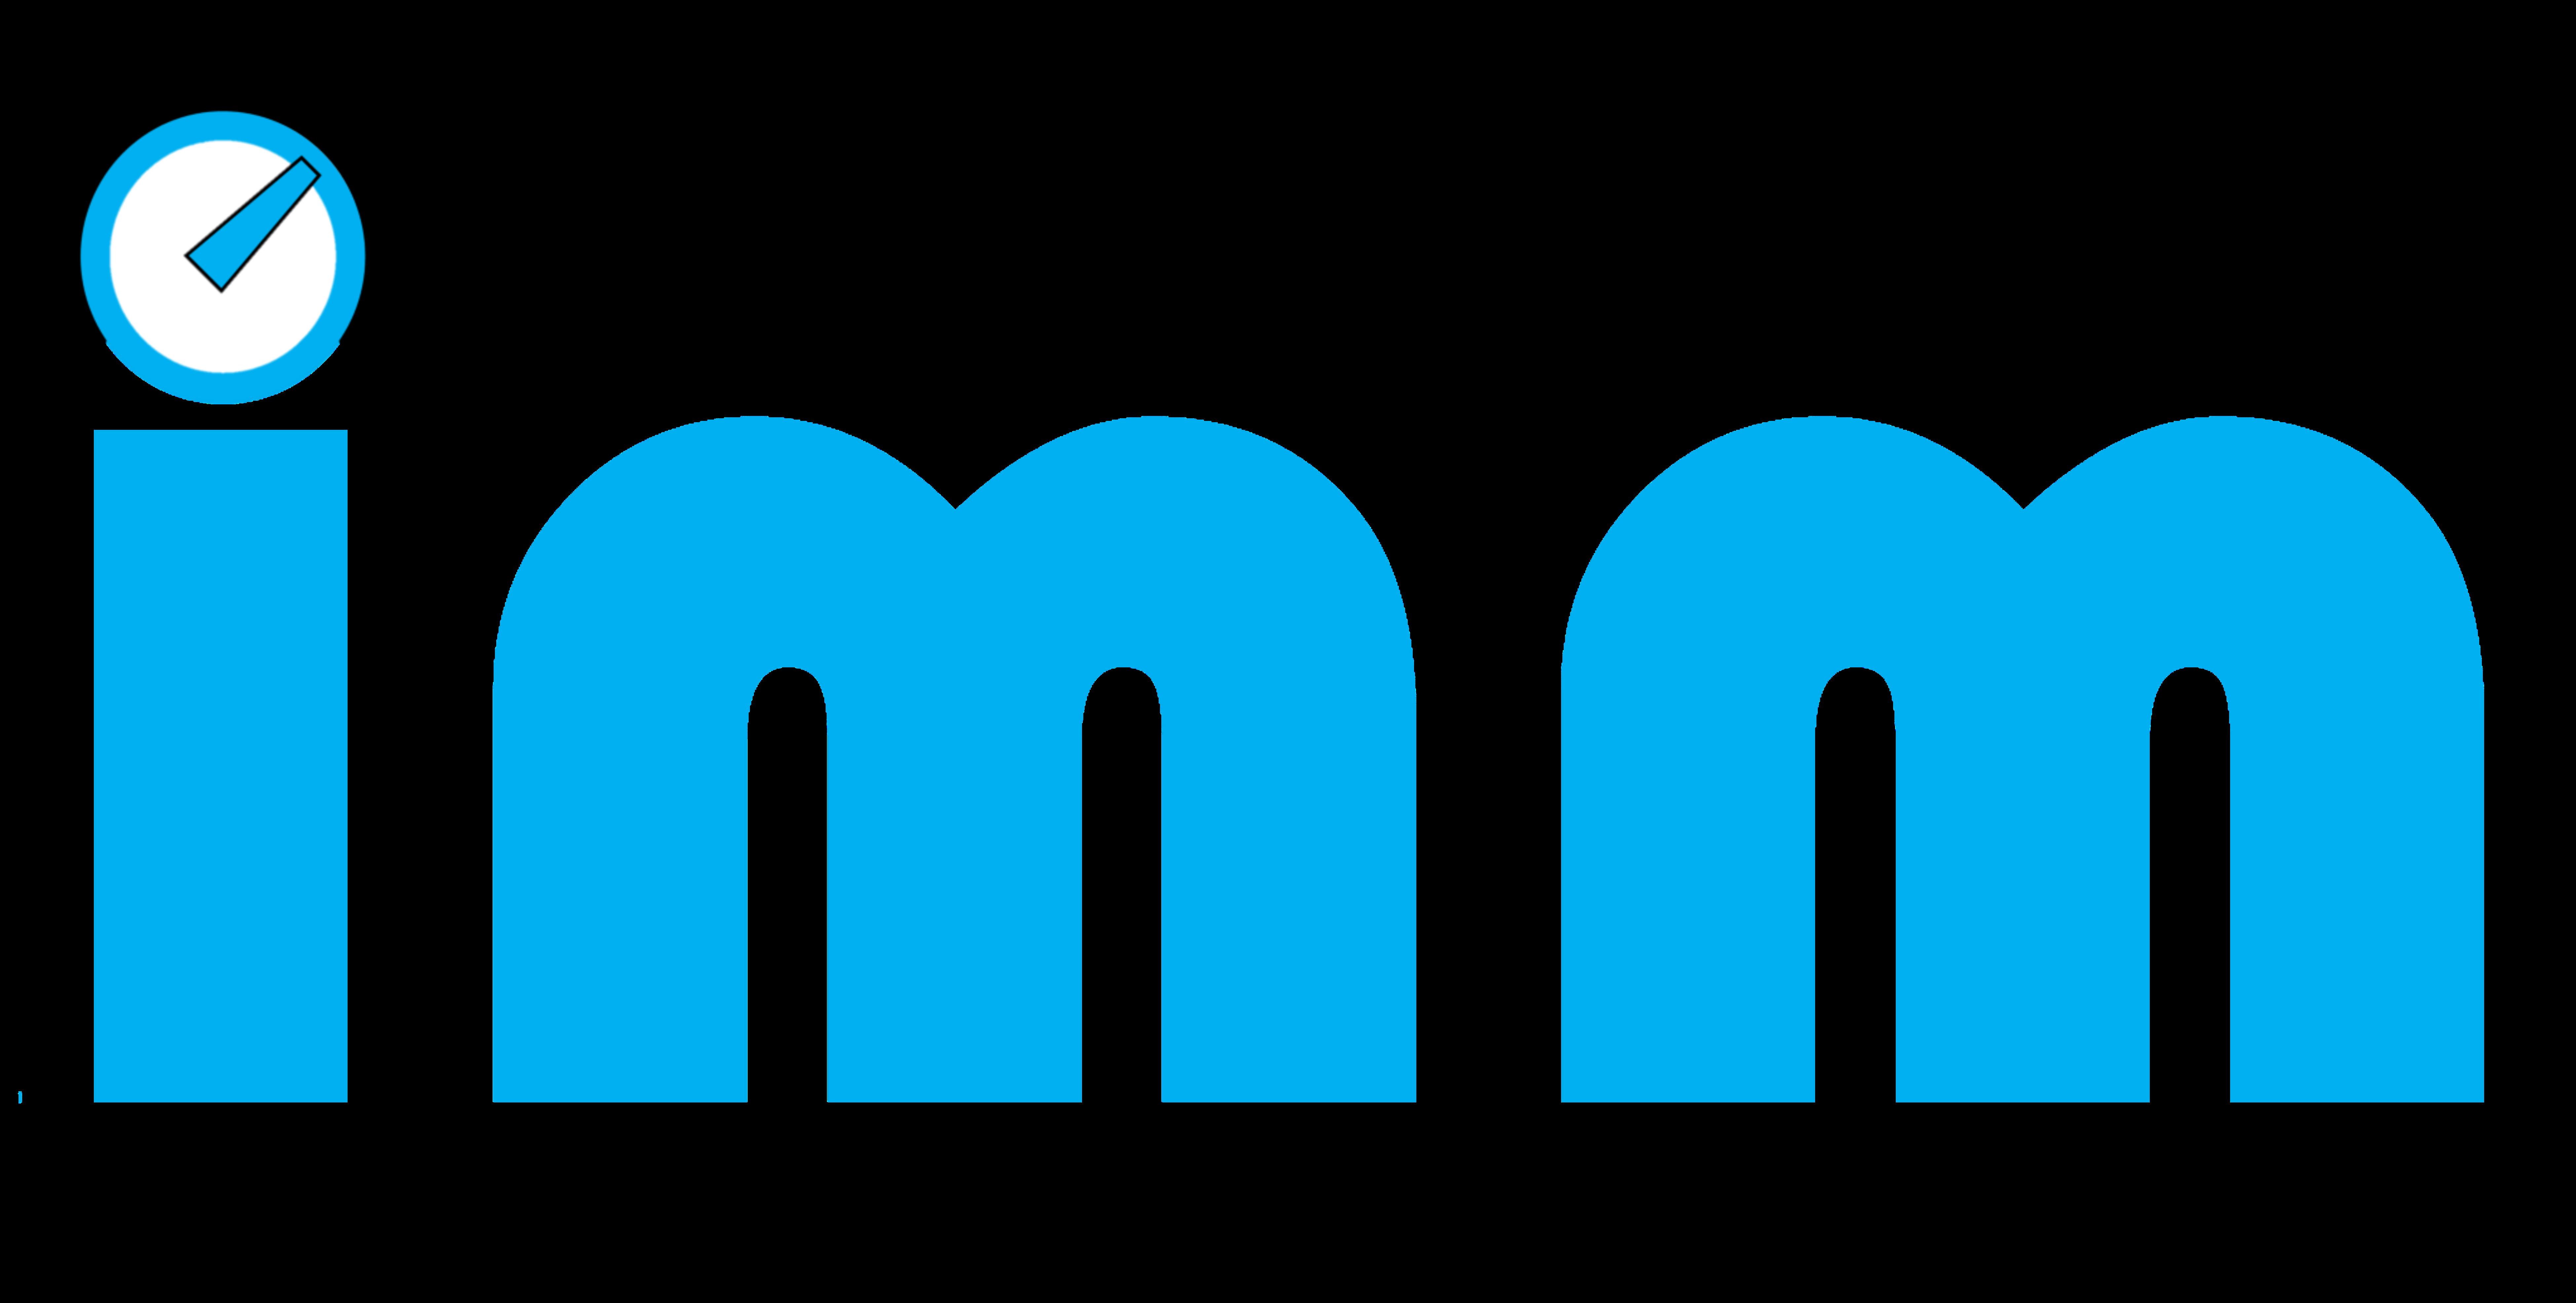 IMM - Instrumentos de medición de México